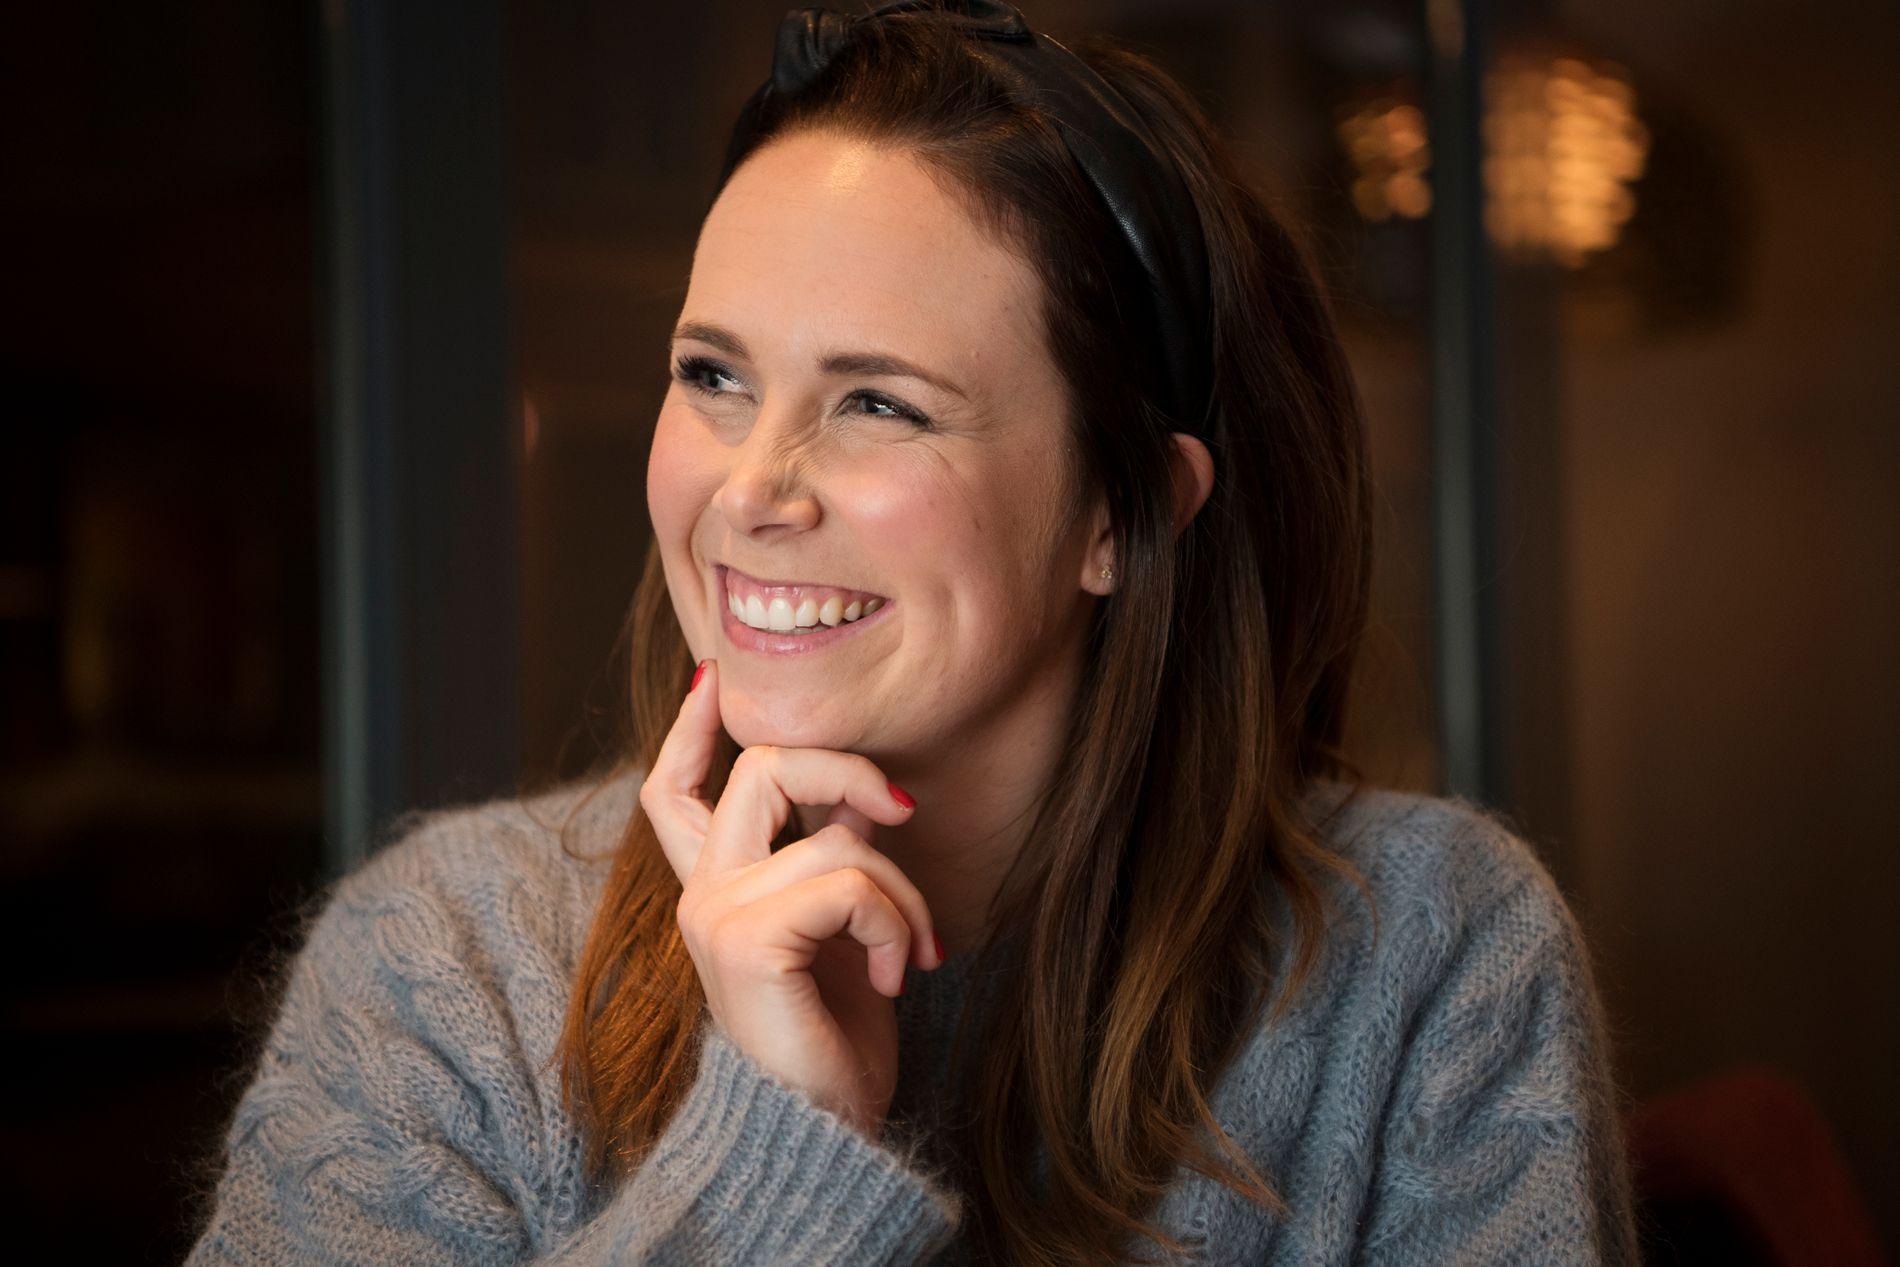 VENTER BARN: Ida Rasch, her fra et VG-intervju på Lillehammer desember 2017.